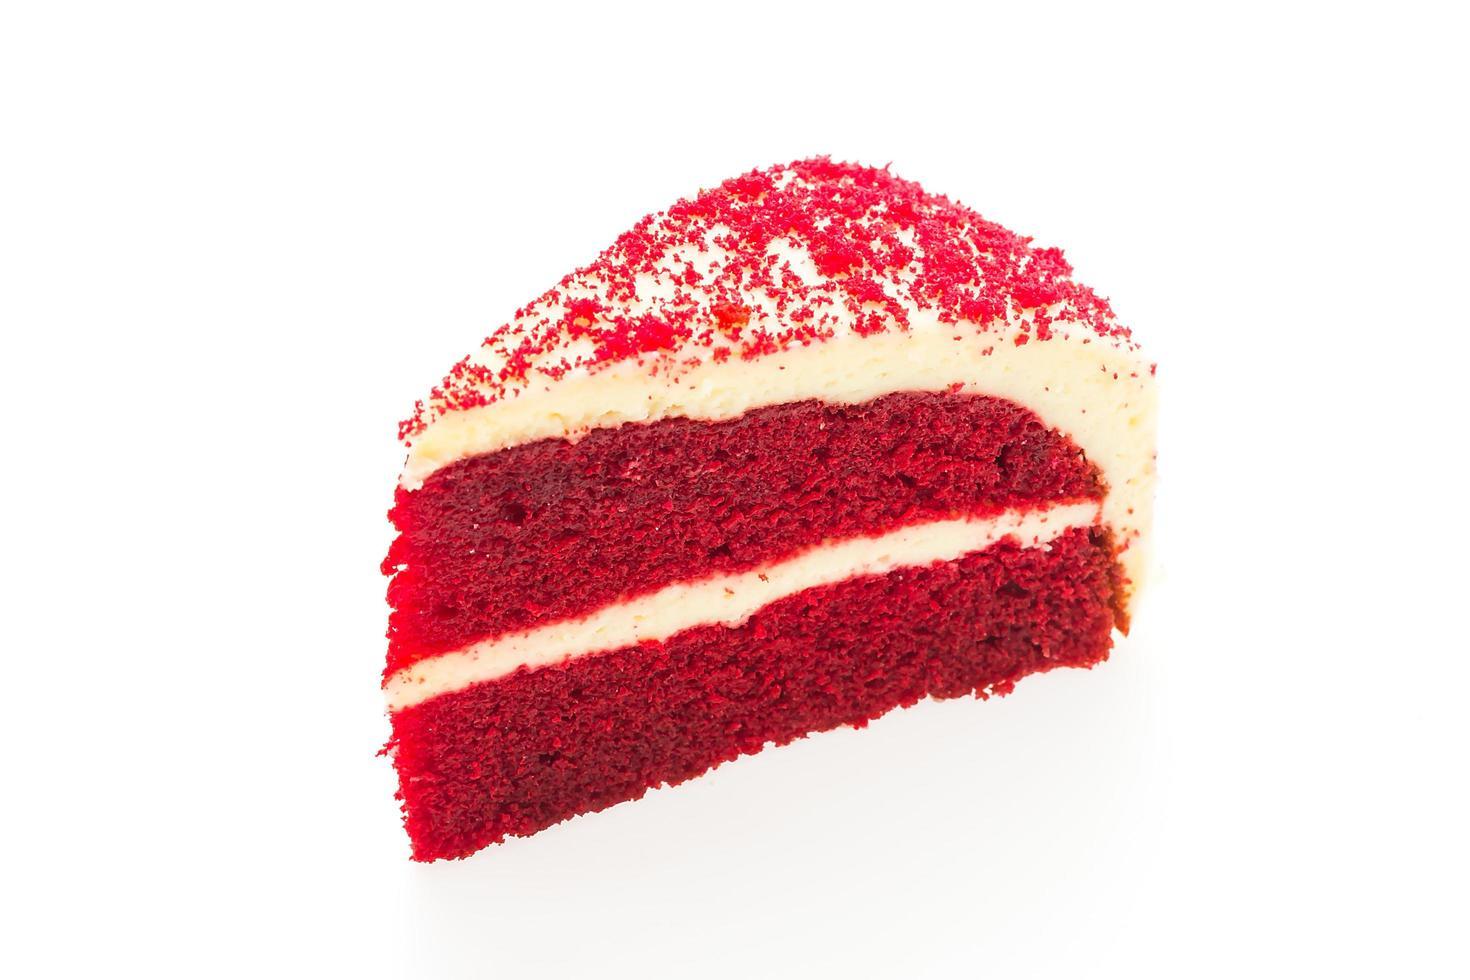 rood fluweel cake geïsoleerd op een witte achtergrond foto